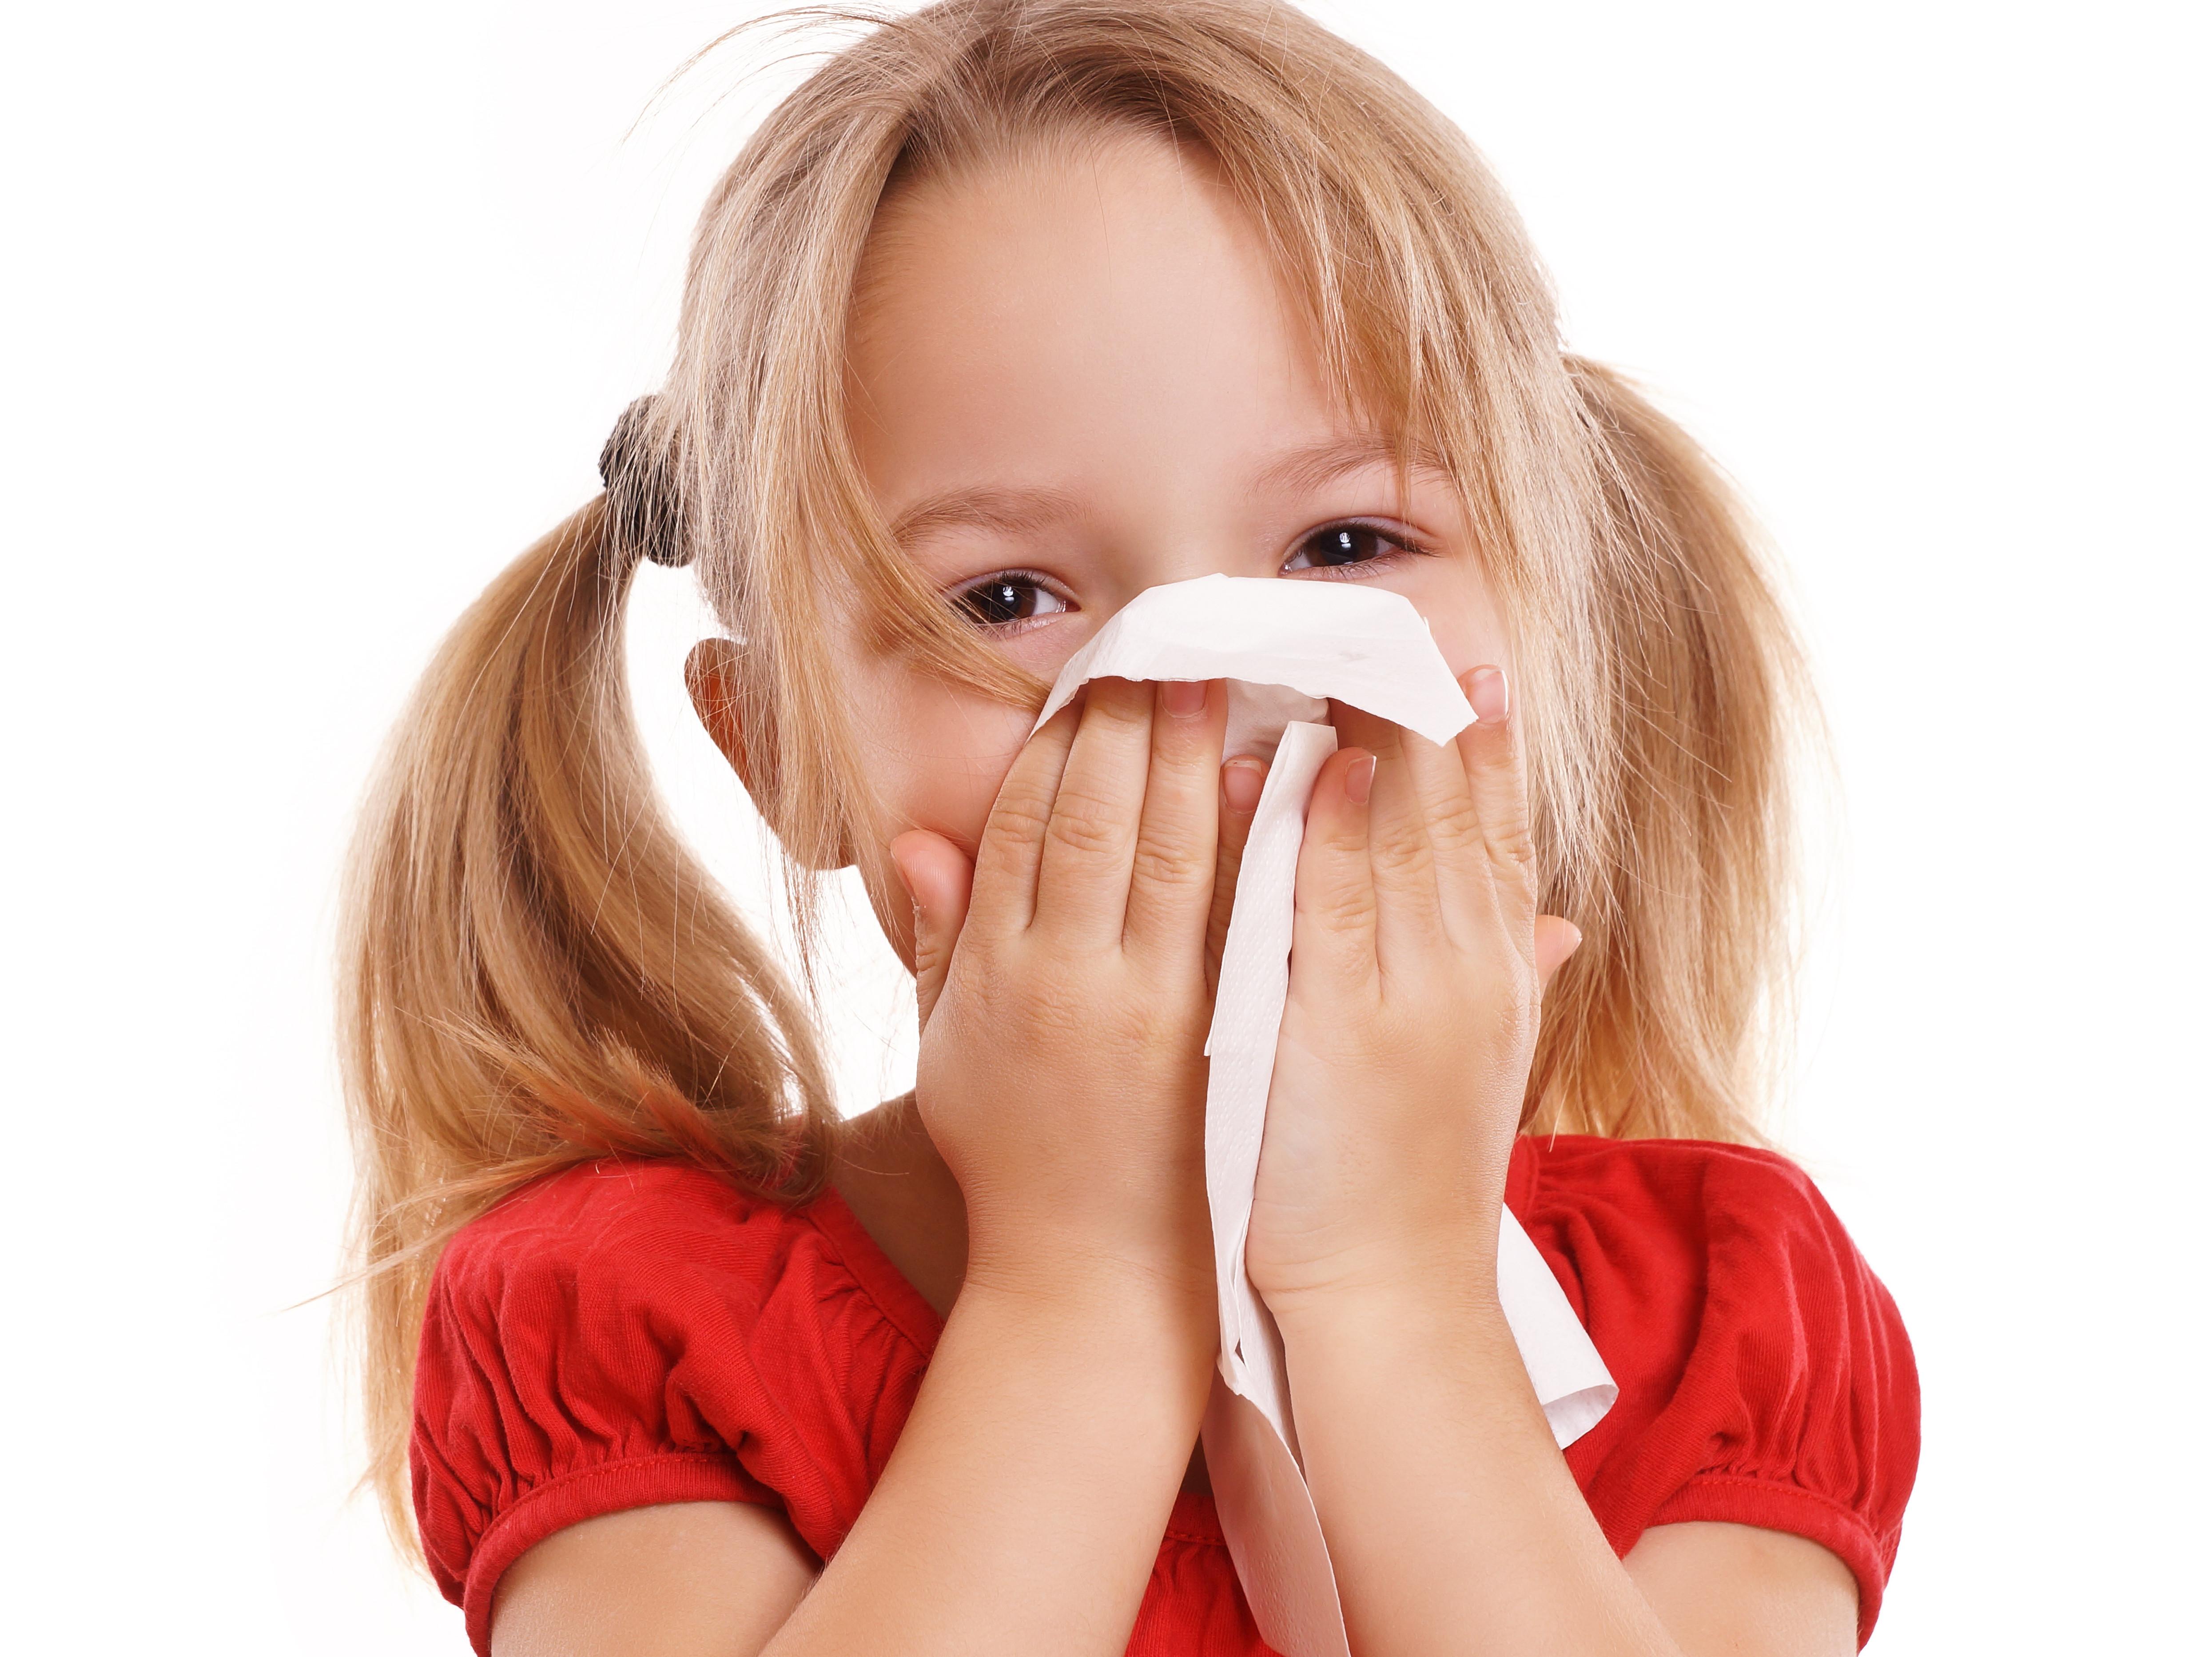 vacina da gripe e resfriado infecções respiratórias